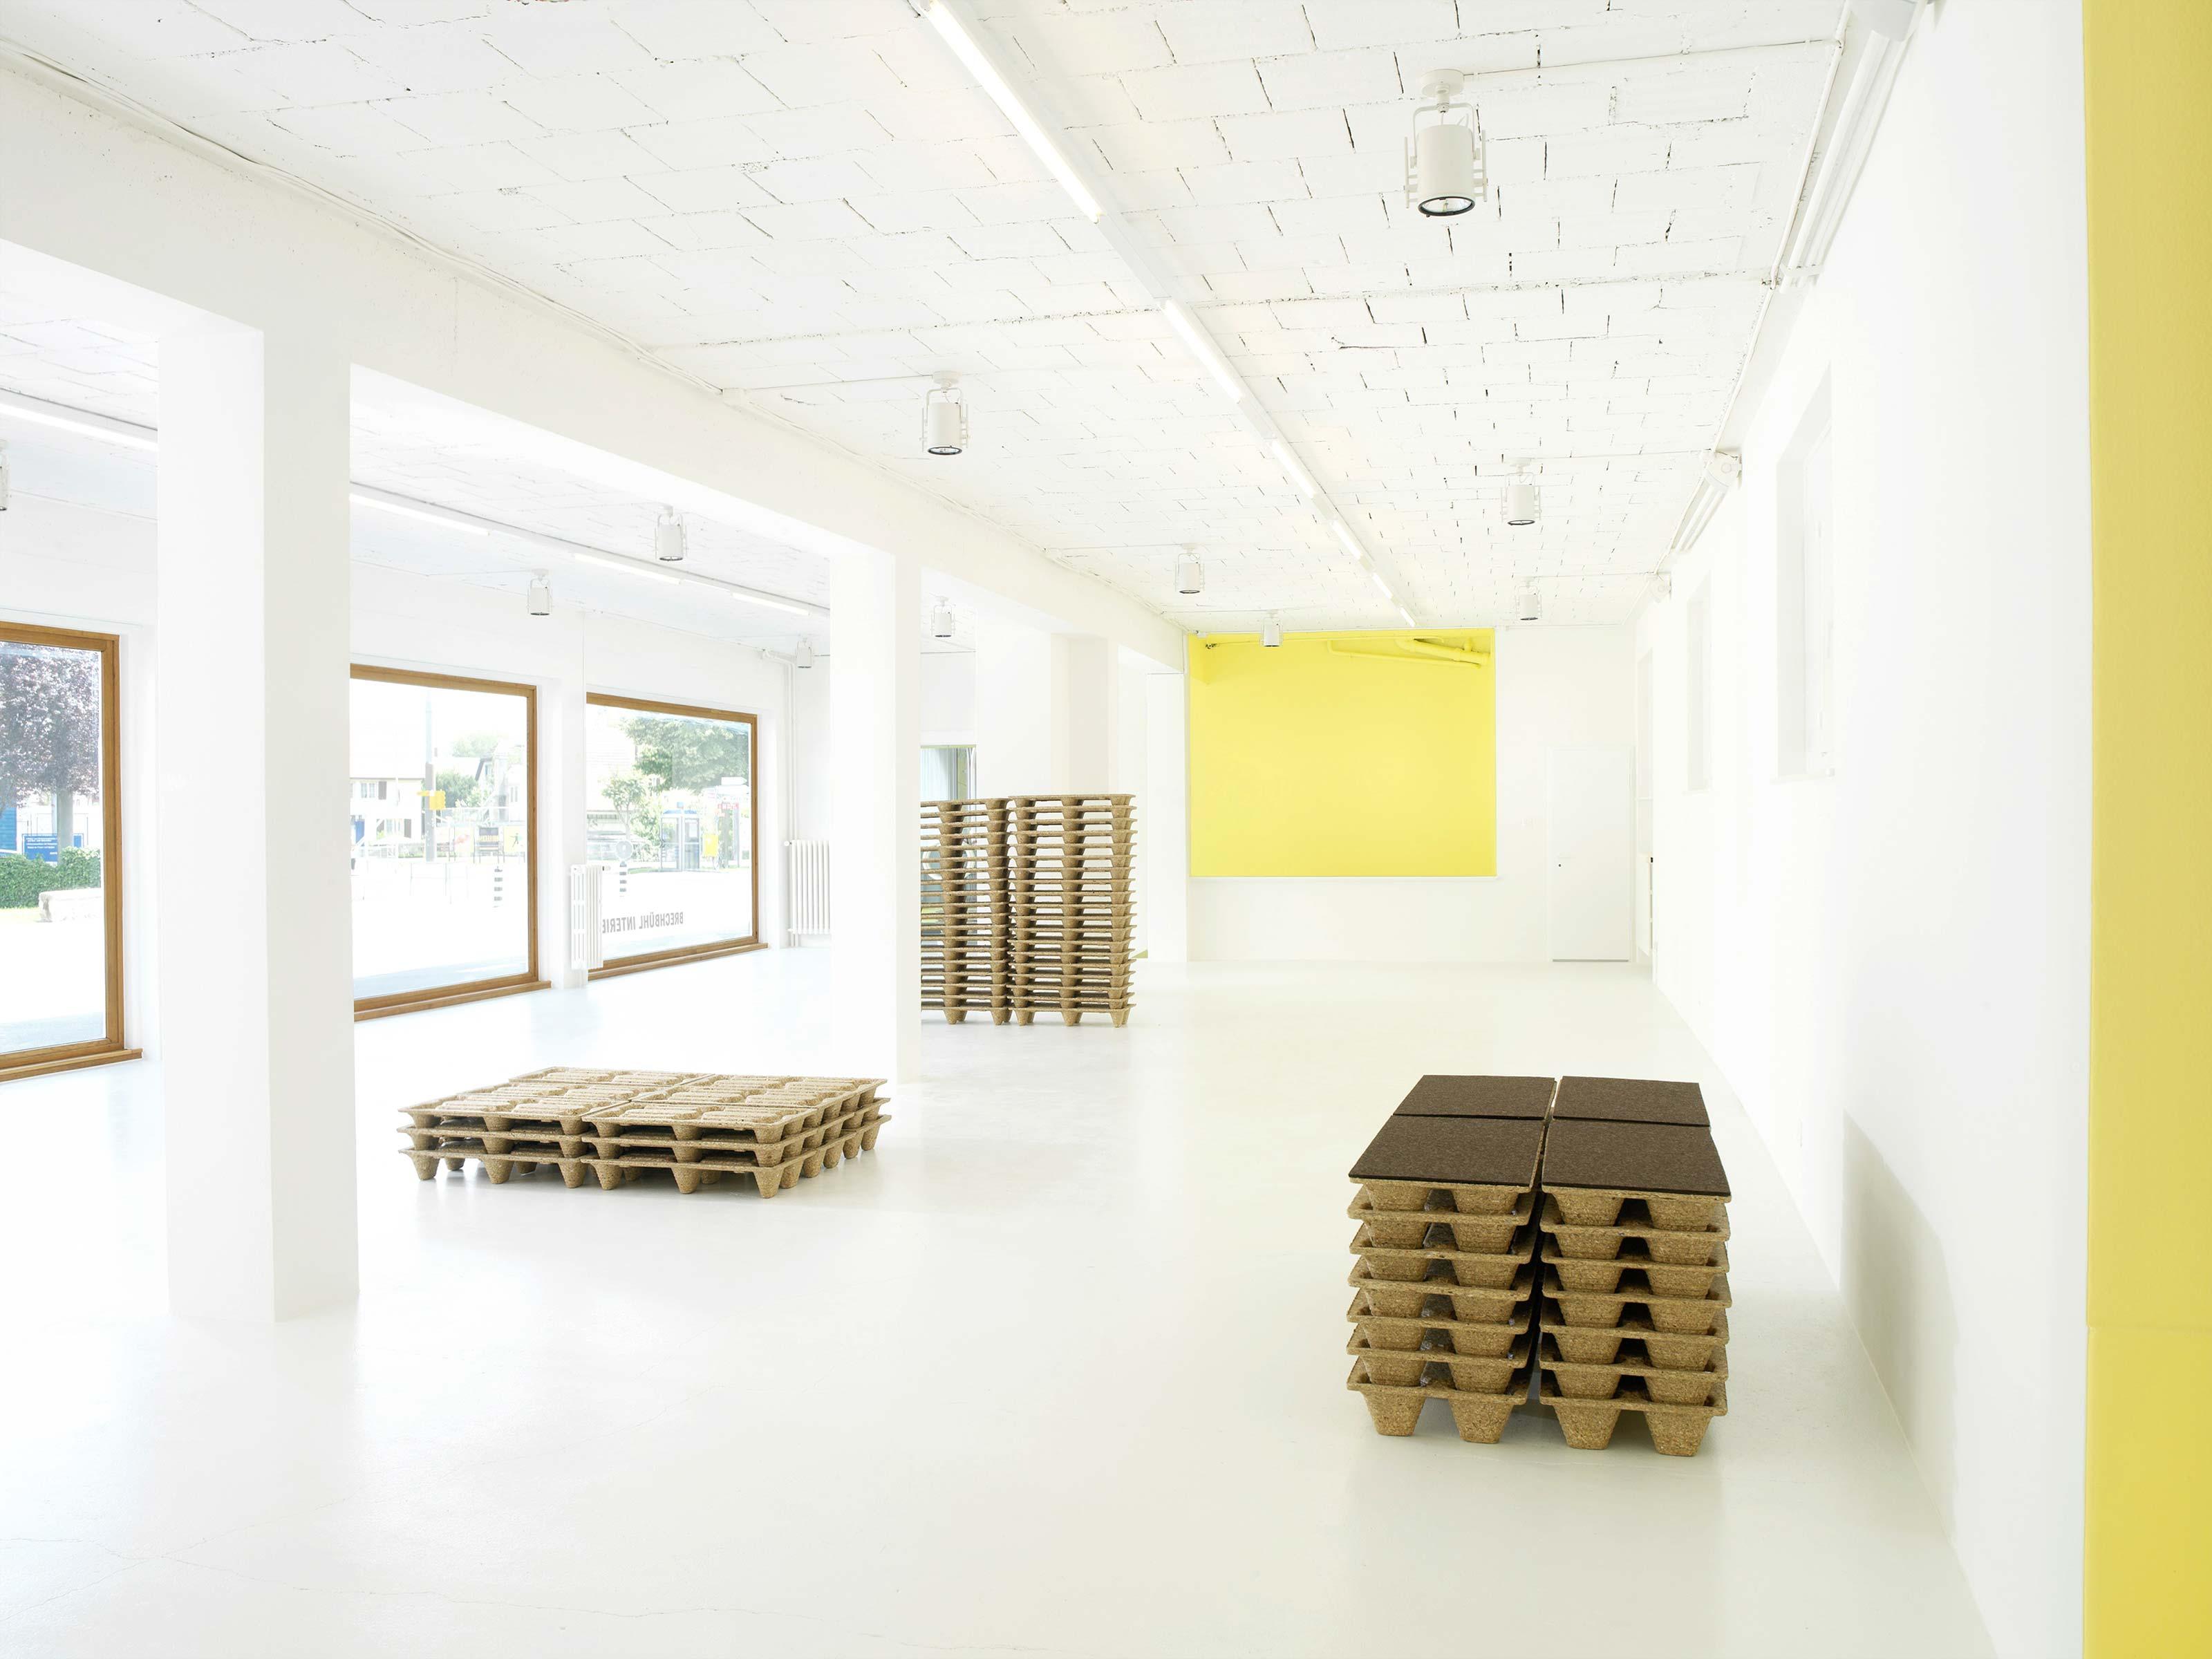 Brechbühl Interieur Corporate Design ©Atelier Pol × MLZD Architekten